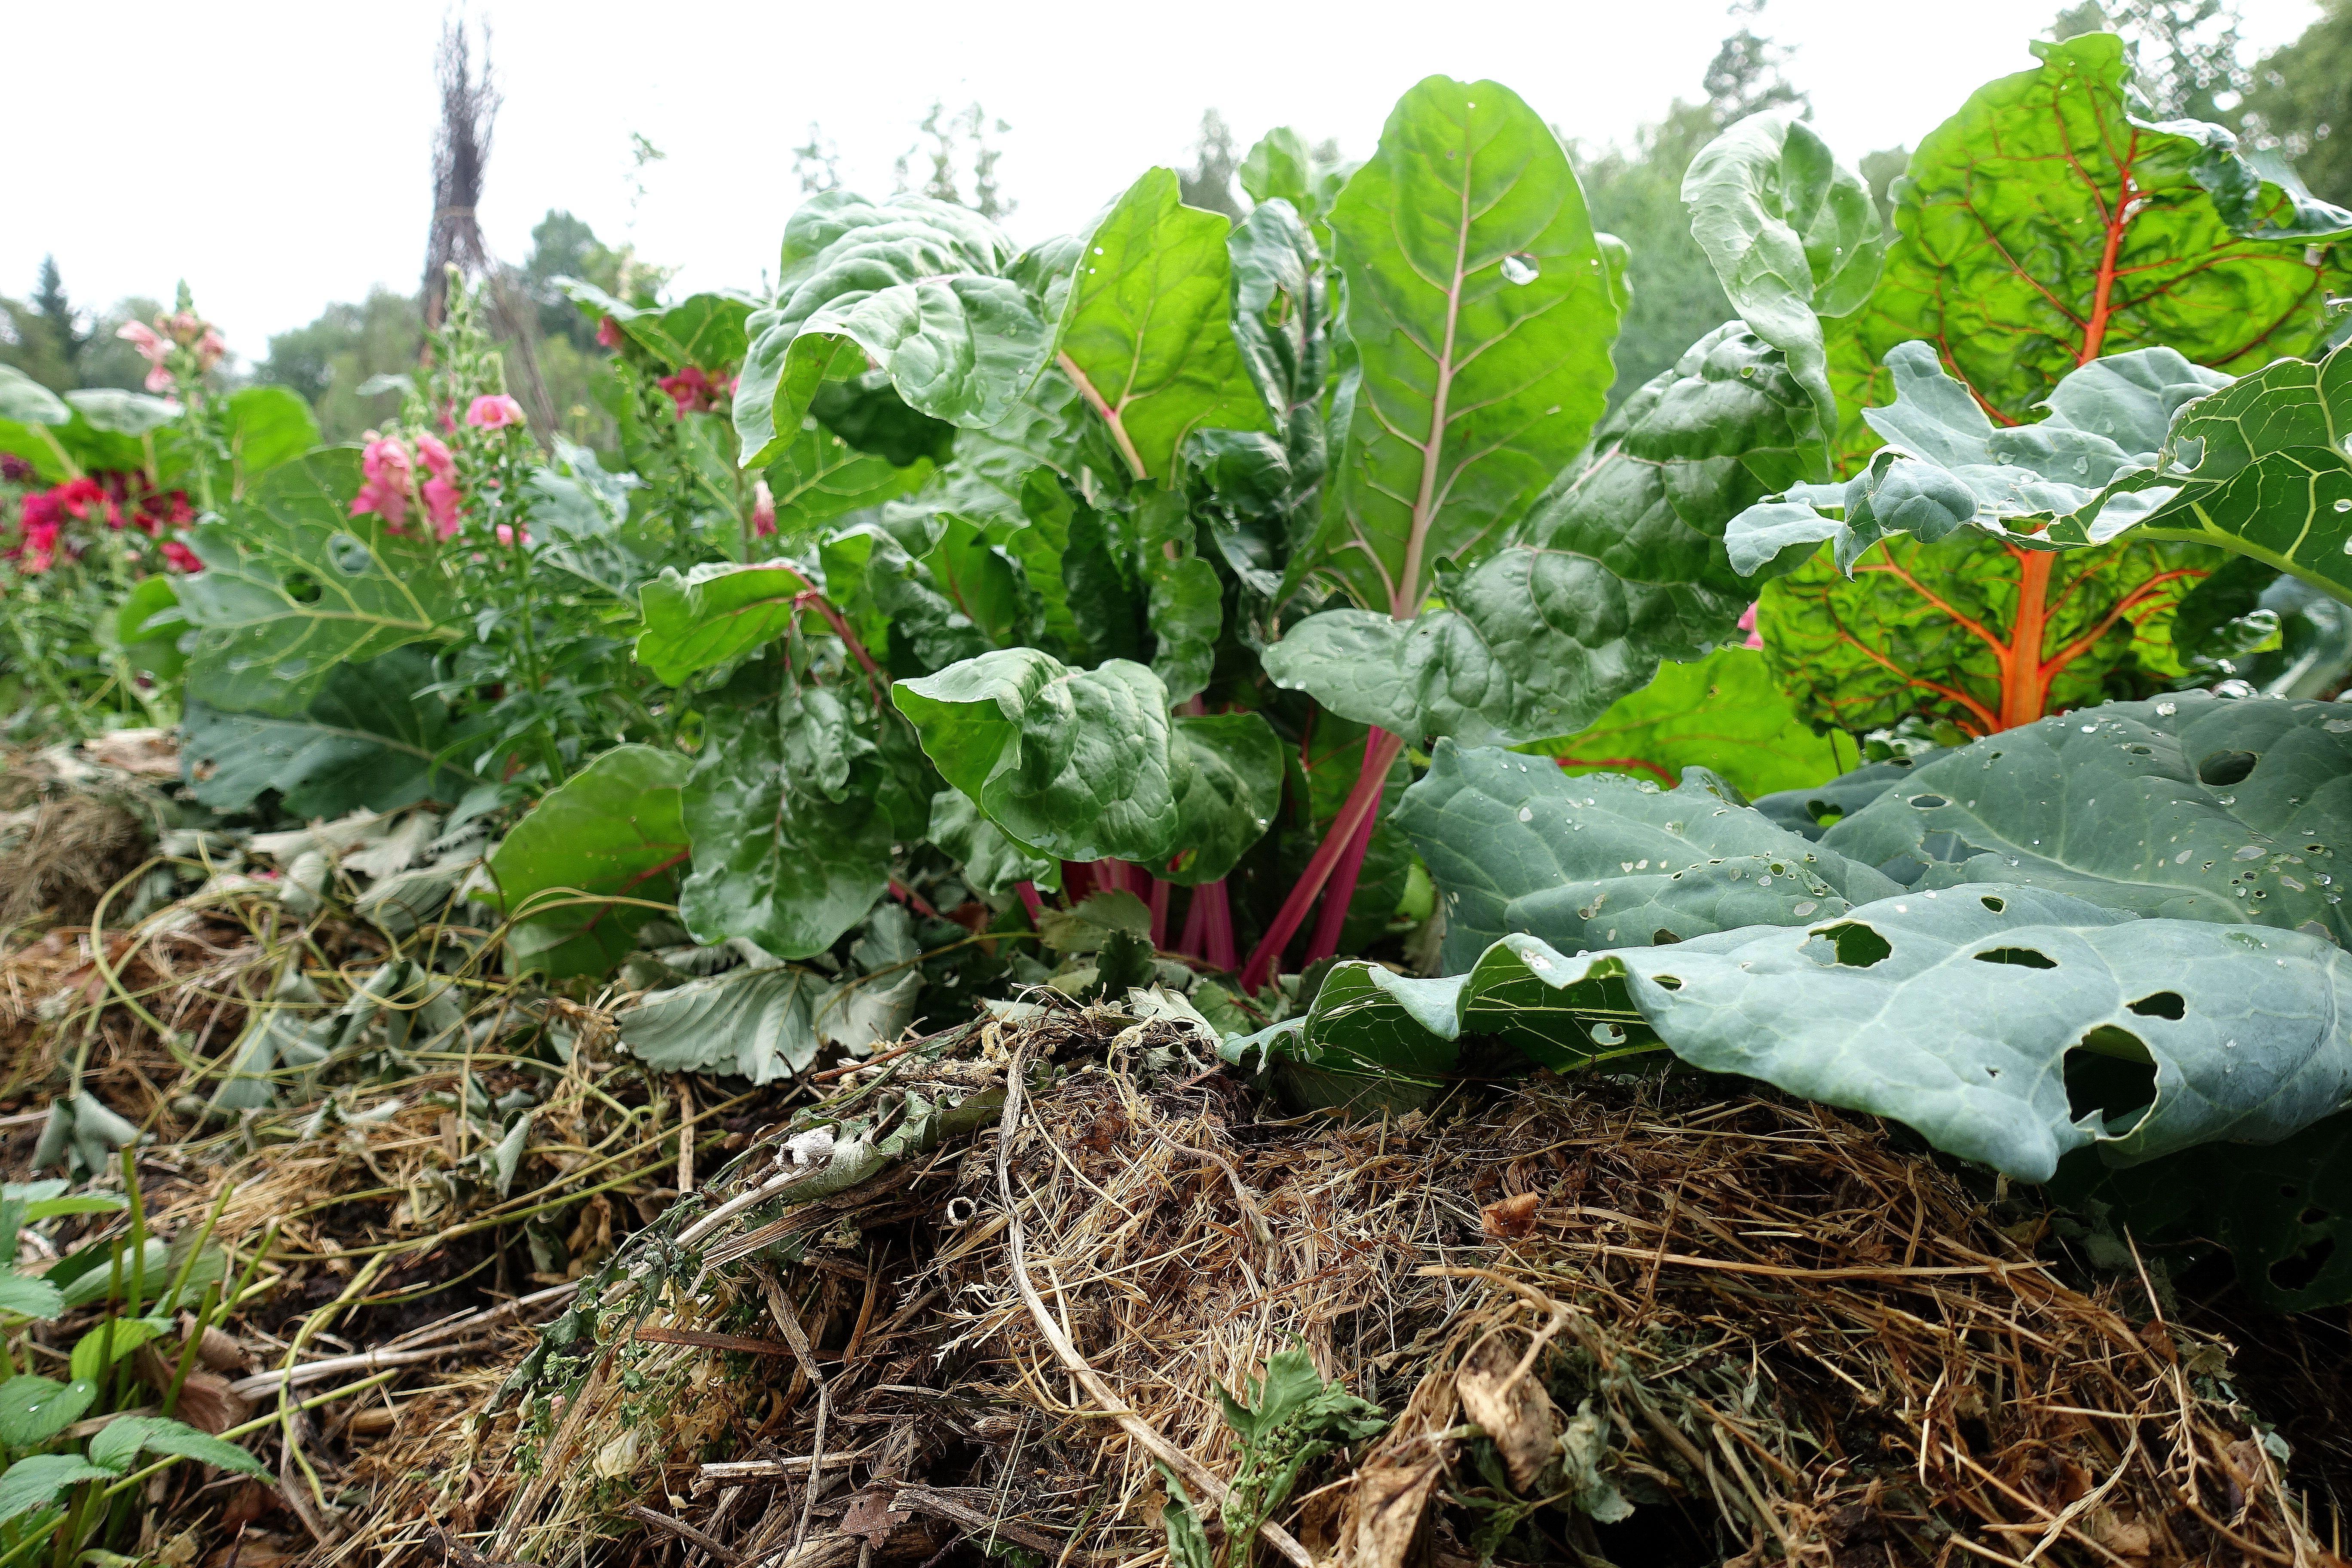 En täckodlad bädd med mängder av trädgårdsskräp och mangold som växer där i. Mulching works, a mulched bed with mangold.